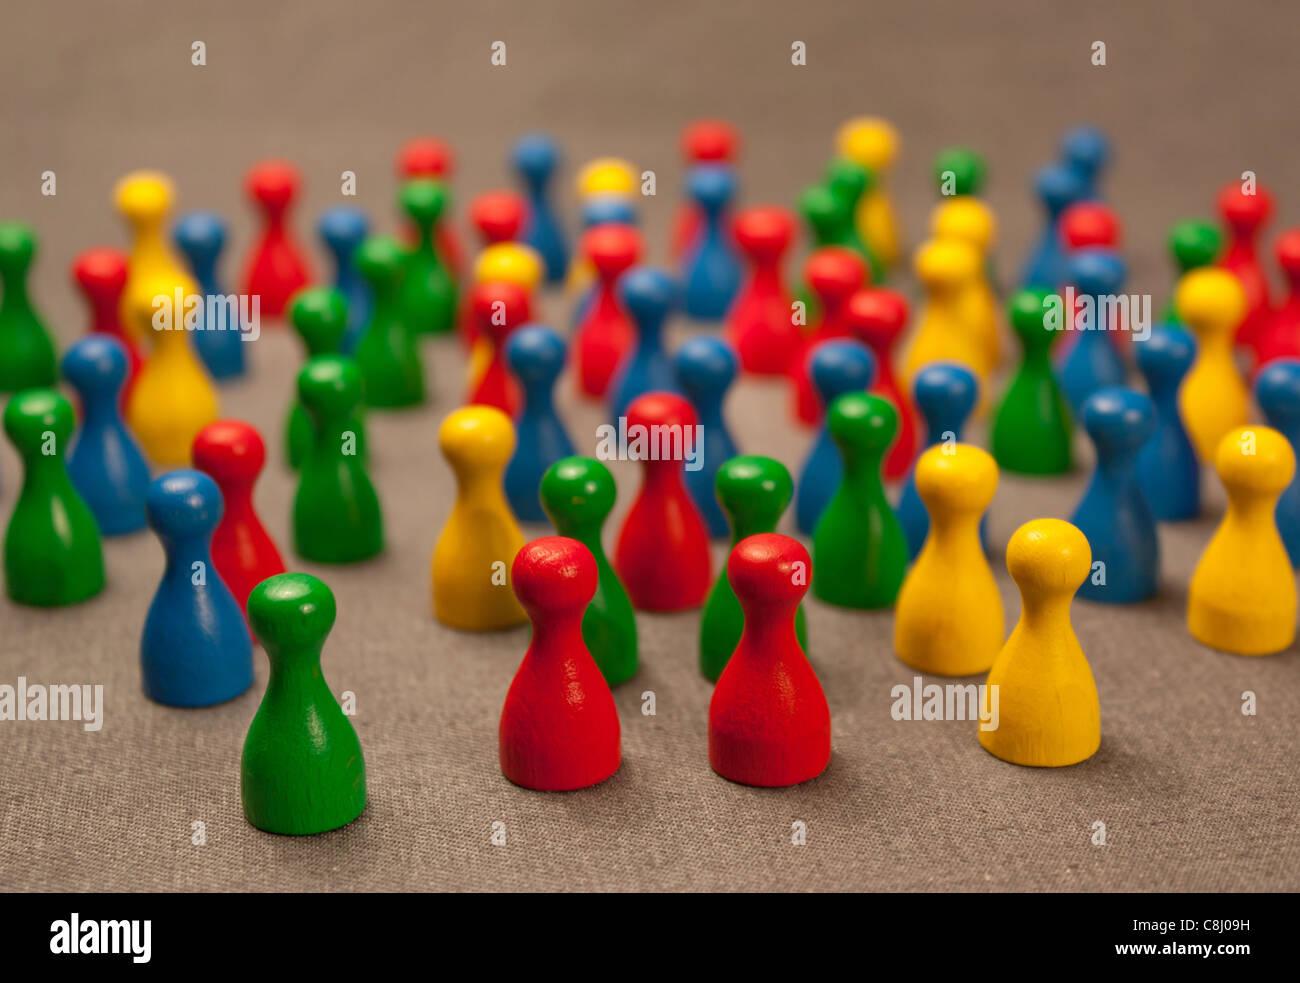 Zona atestada de coloridas piezas de juego. Imagen De Stock